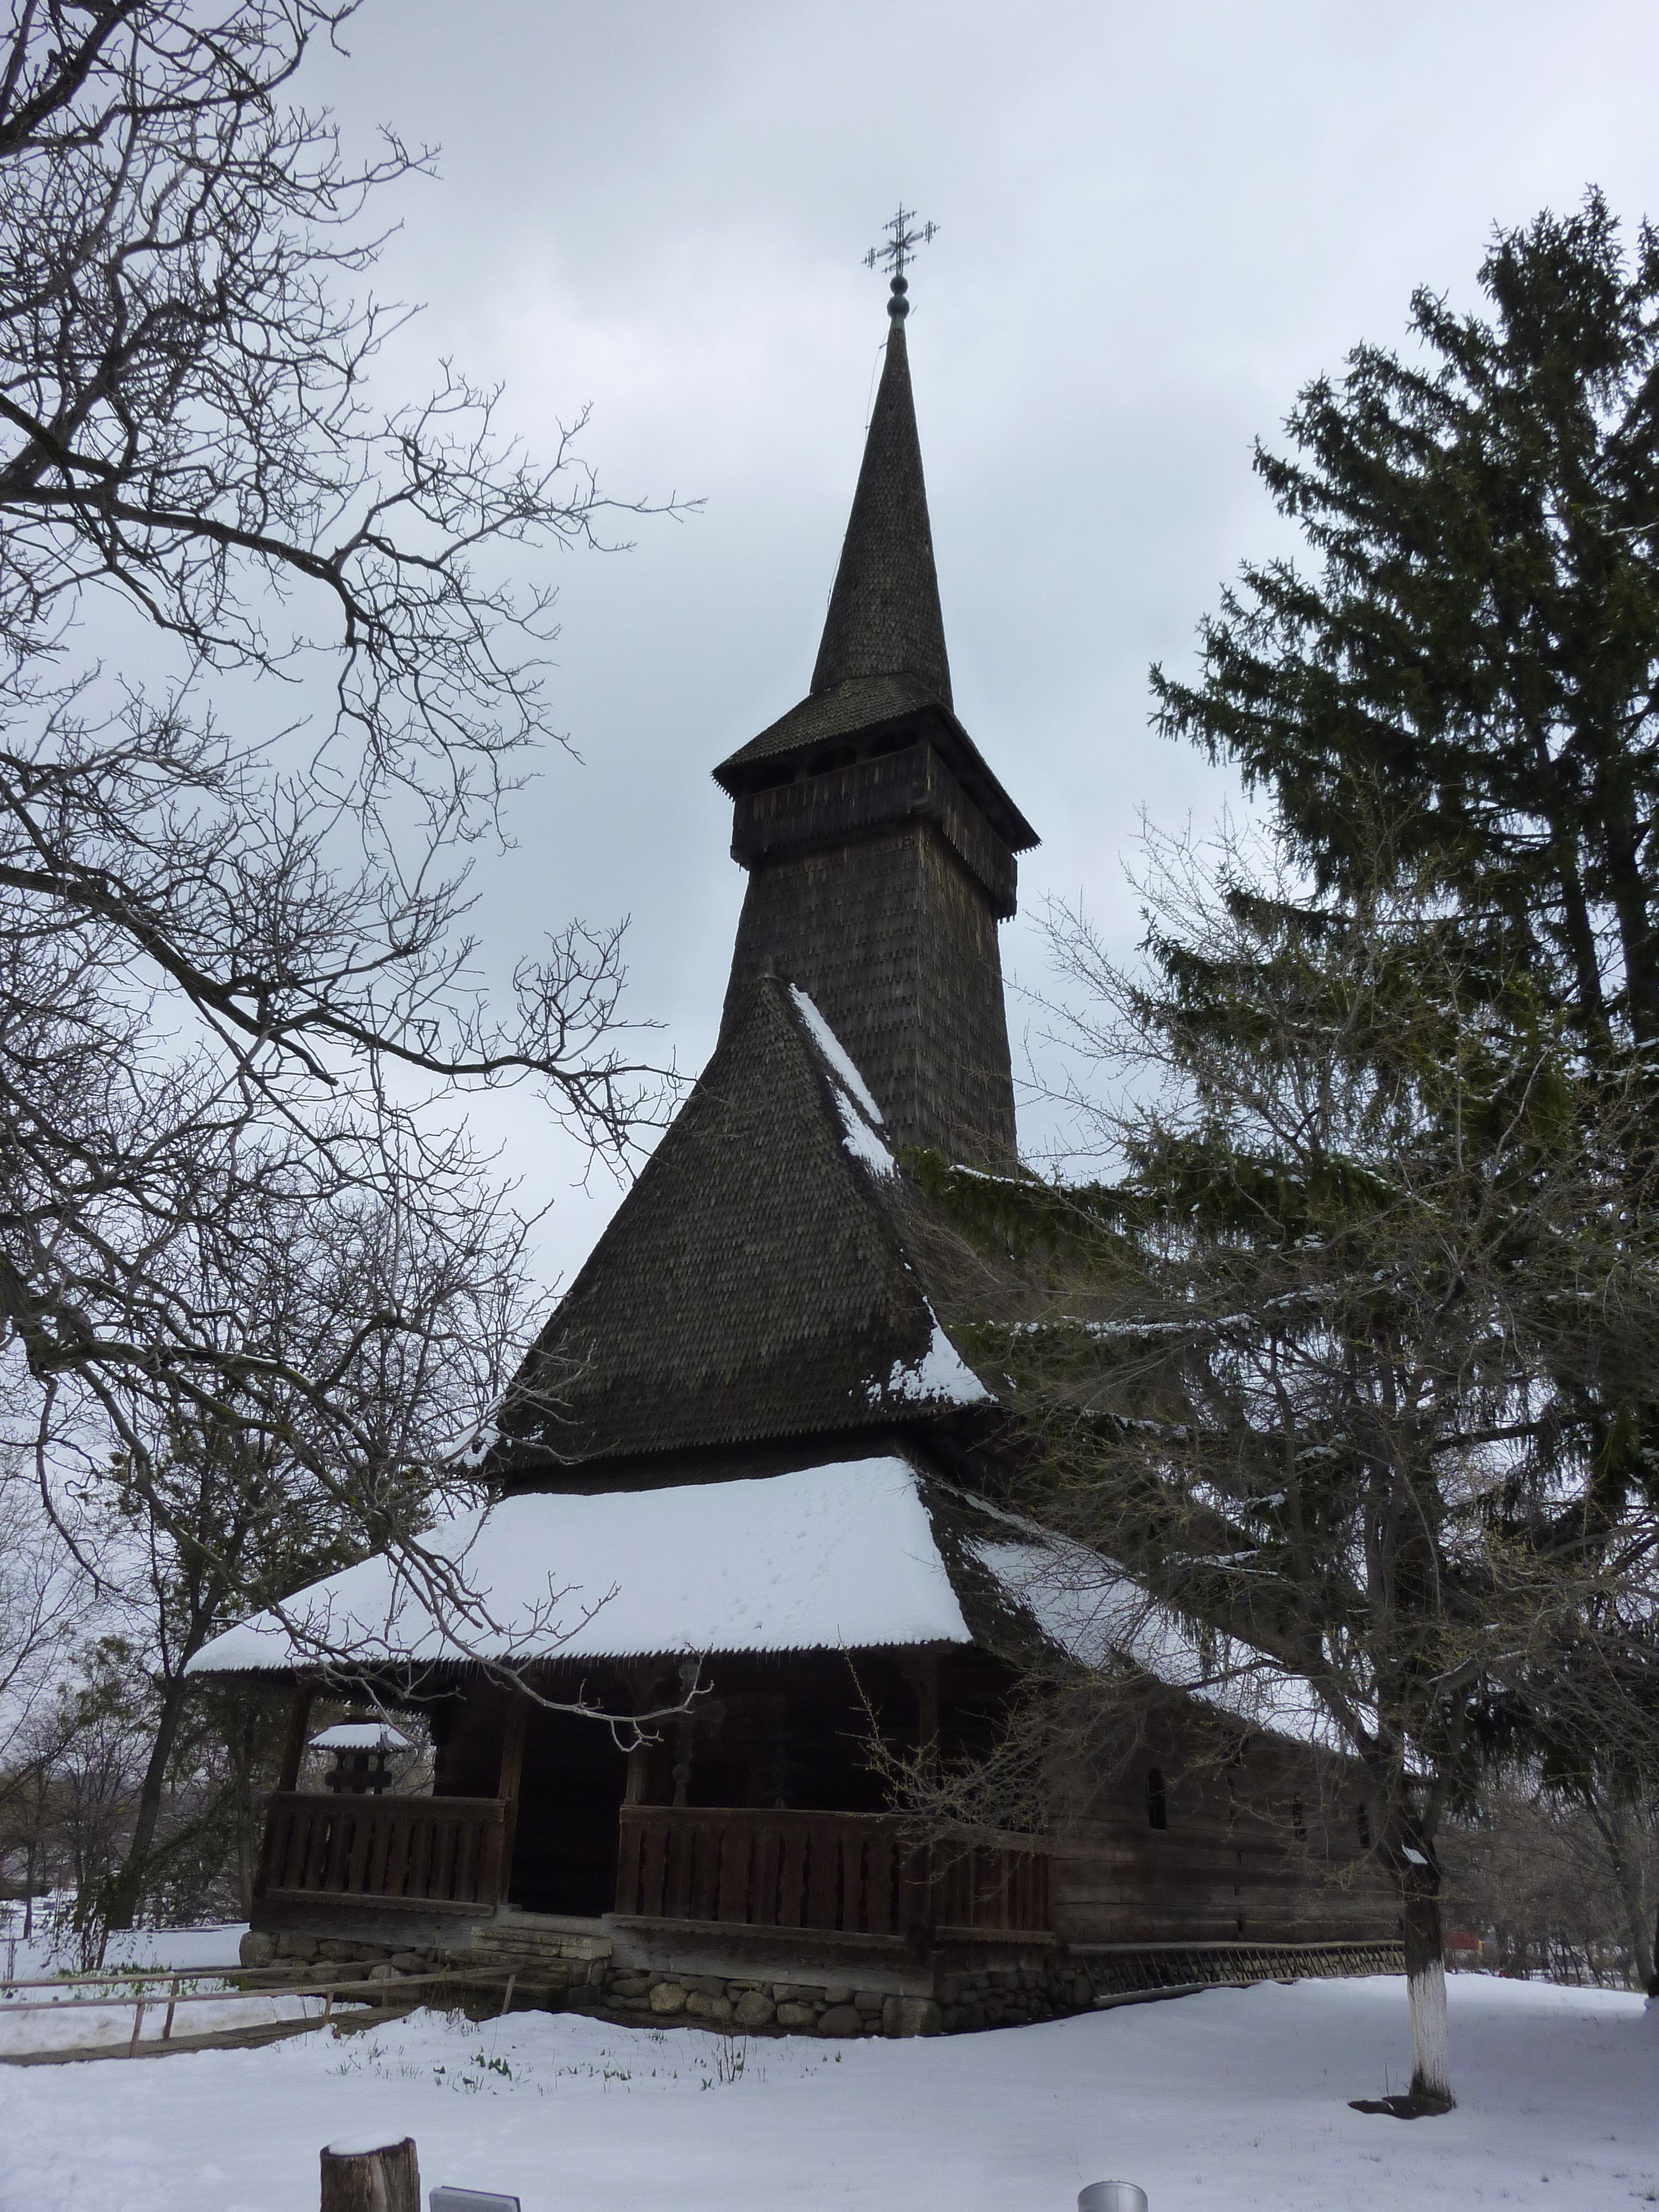 โบสถ์ในพิพิธภัณฑ์วิลล่าในบูคาเรสต์